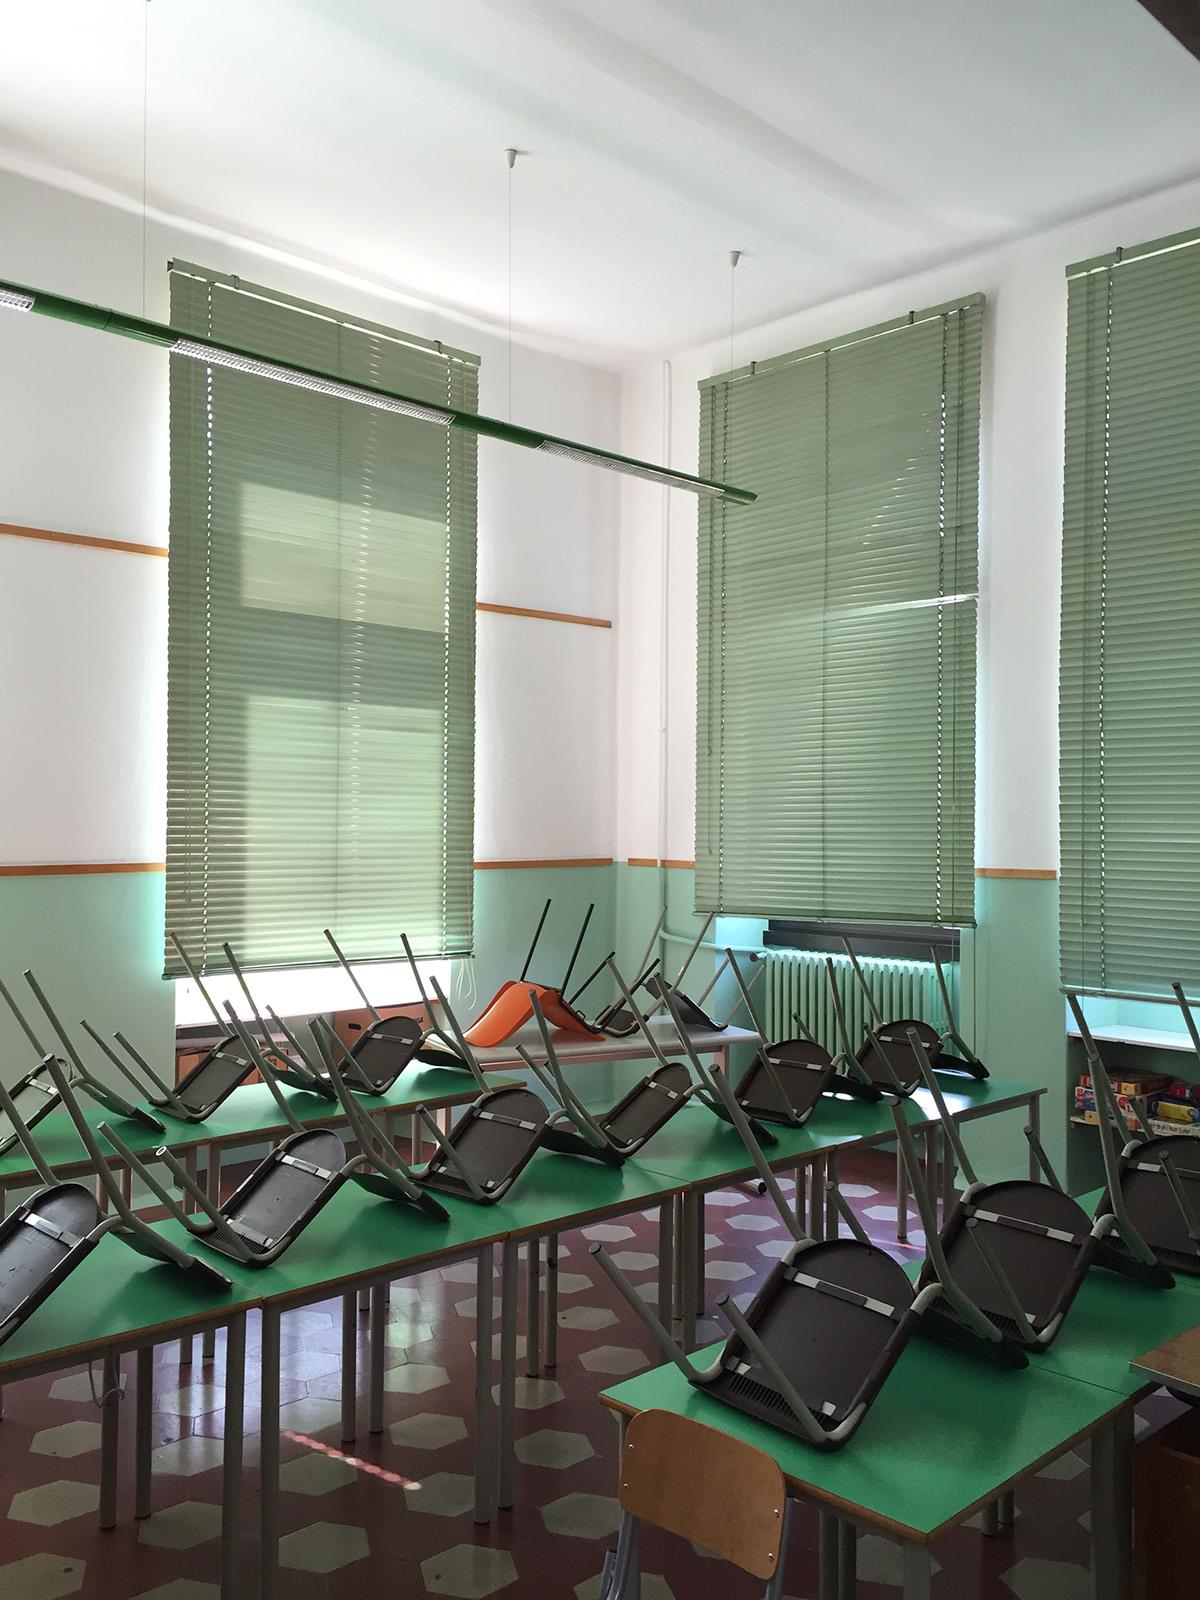 Perico-Renato-Pradalunga (BG) - Scuola comunale - Manutenzione straordinaria 15